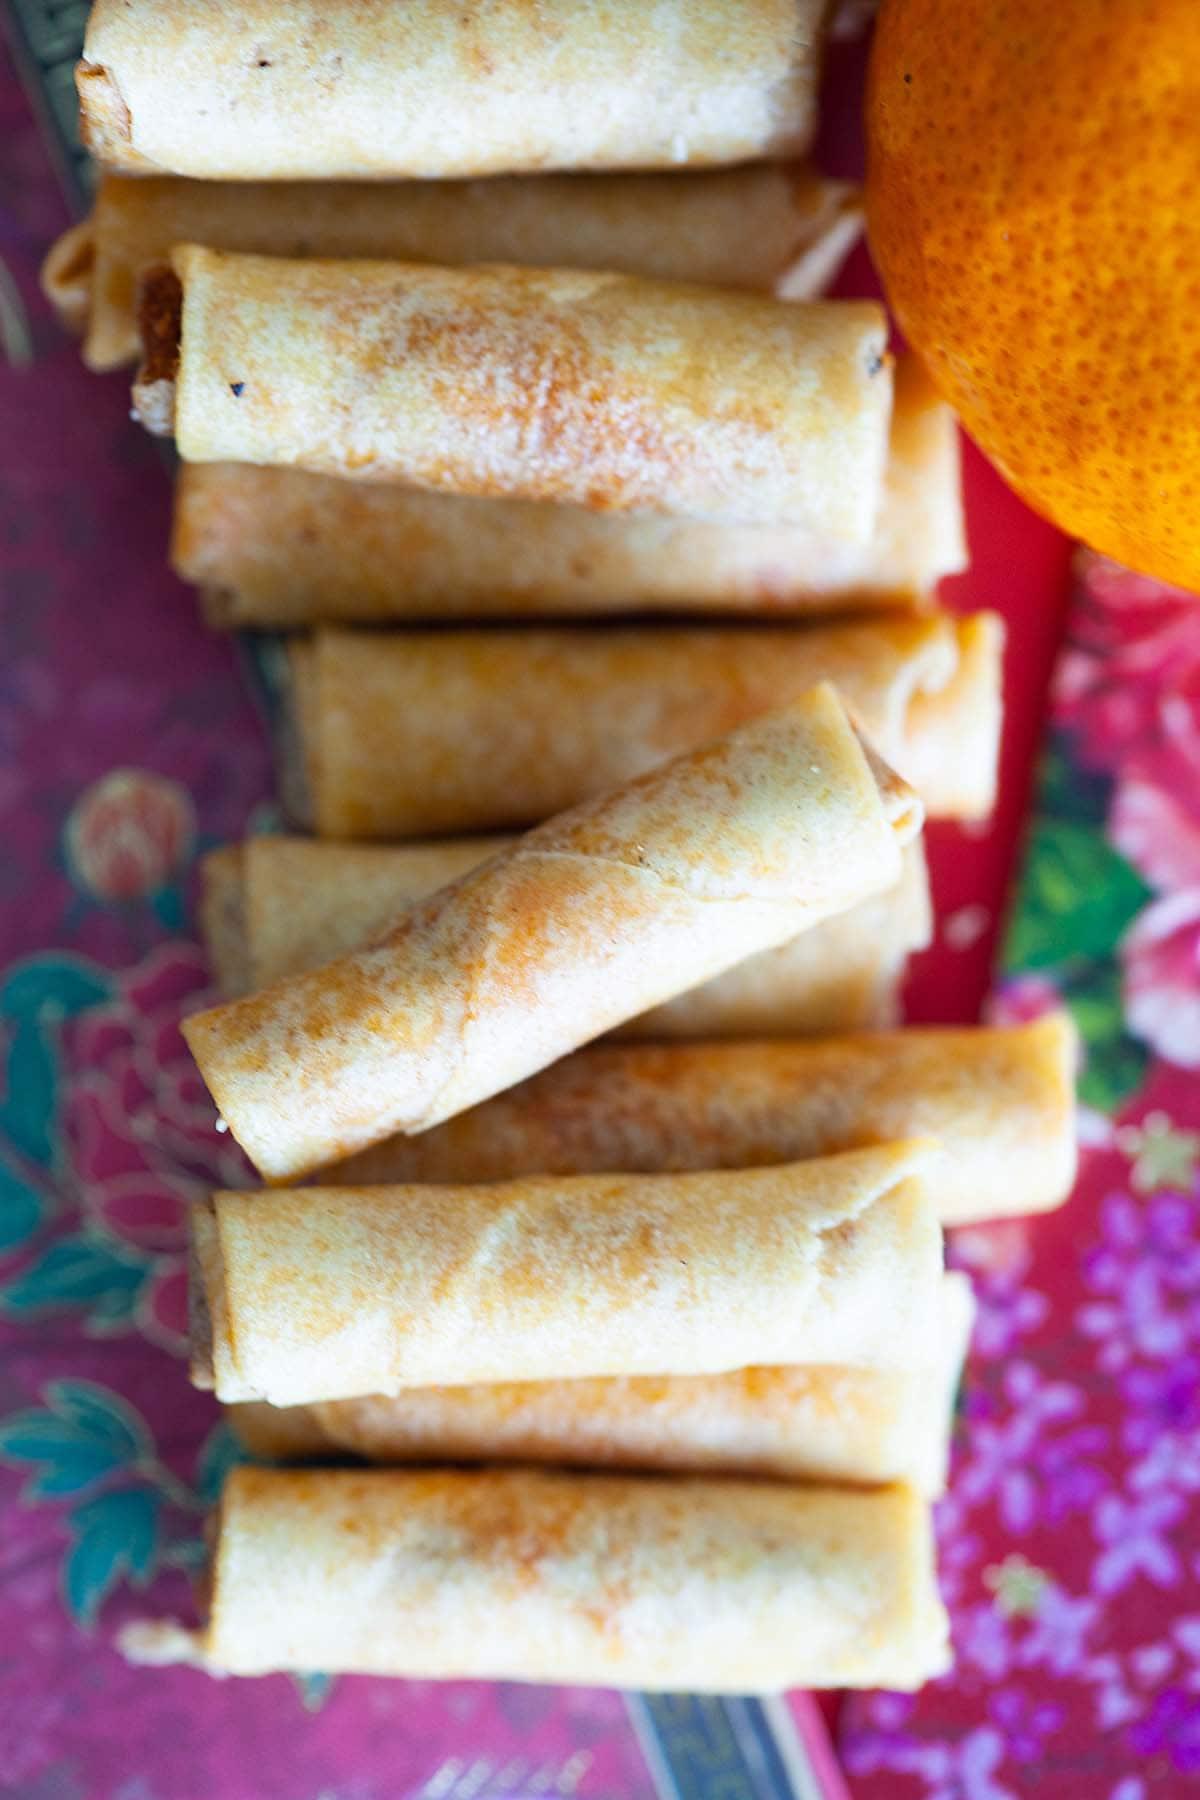 Recette chinoise facile de rouleaux de printemps en soie de poulet.